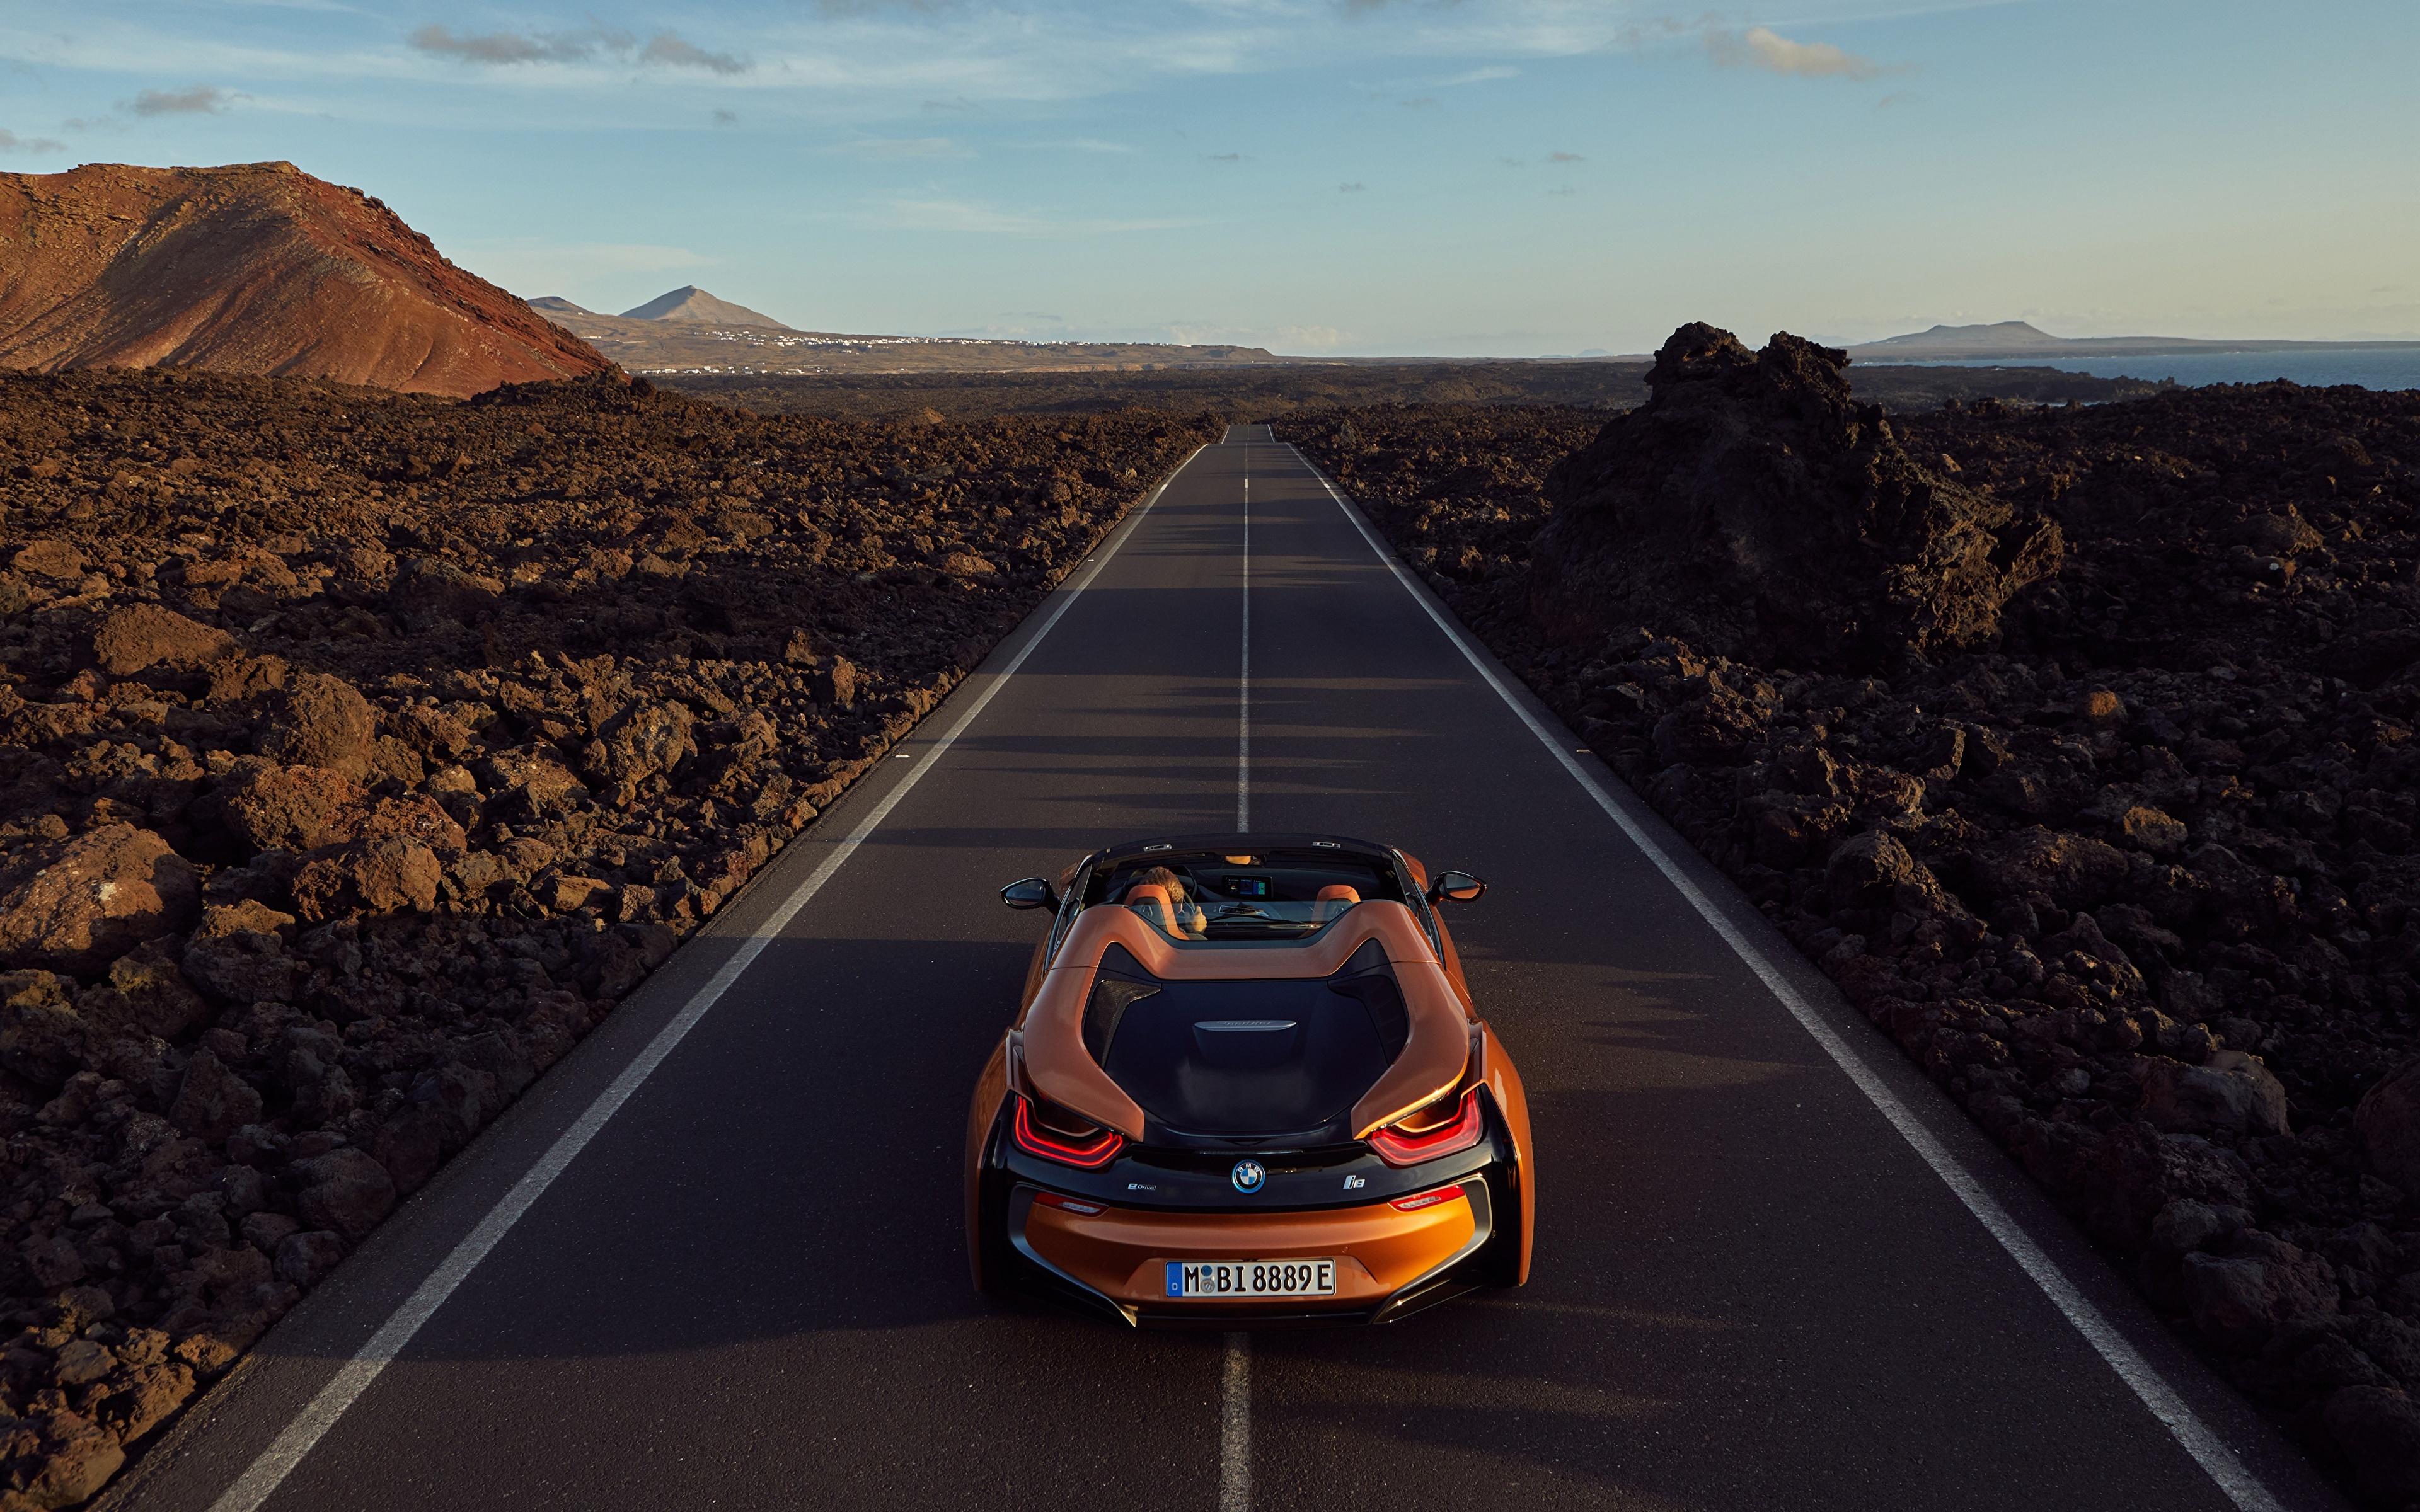 Картинка БМВ 2018 i8 Родстер оранжевые Дороги Автомобили 3840x2400 BMW оранжевых Оранжевый оранжевая Авто Машины